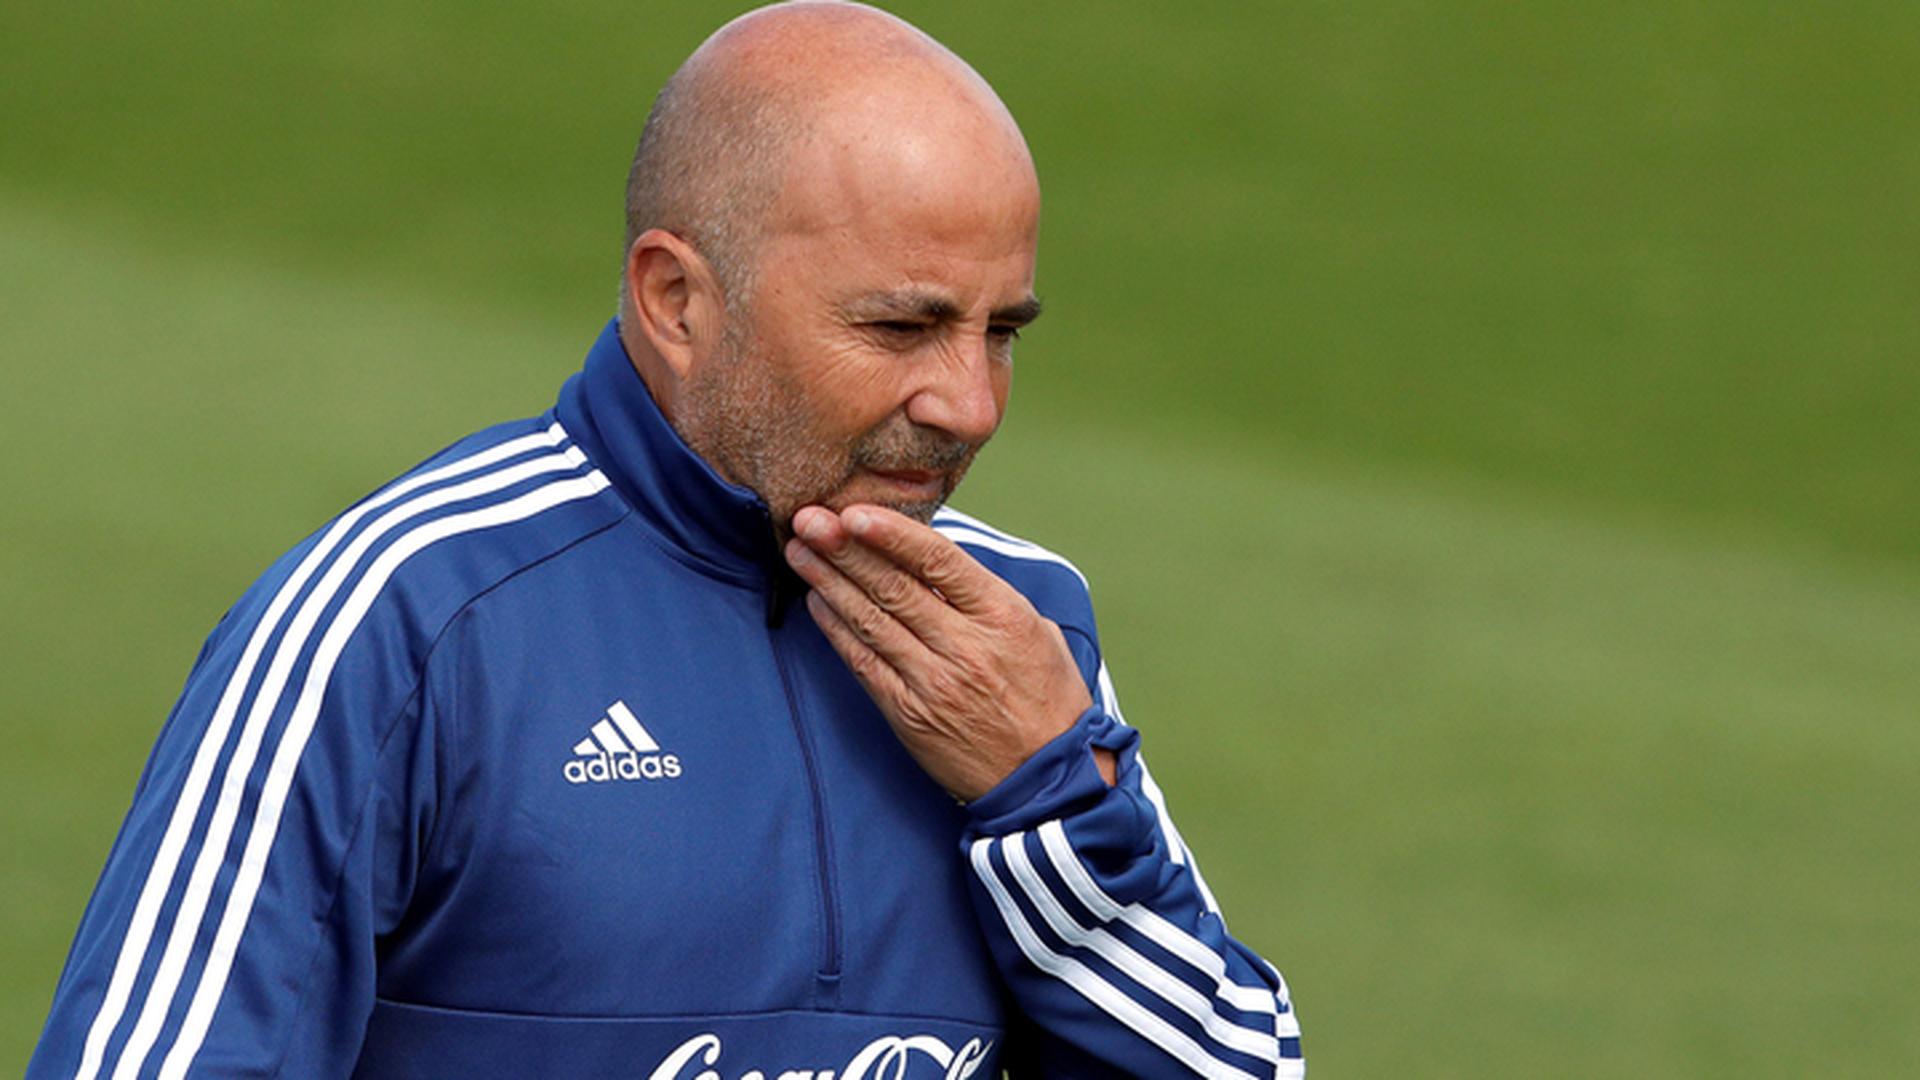 Тренер сборной Аргентины Сампаоли упал в глазах наставника хорватов Далича